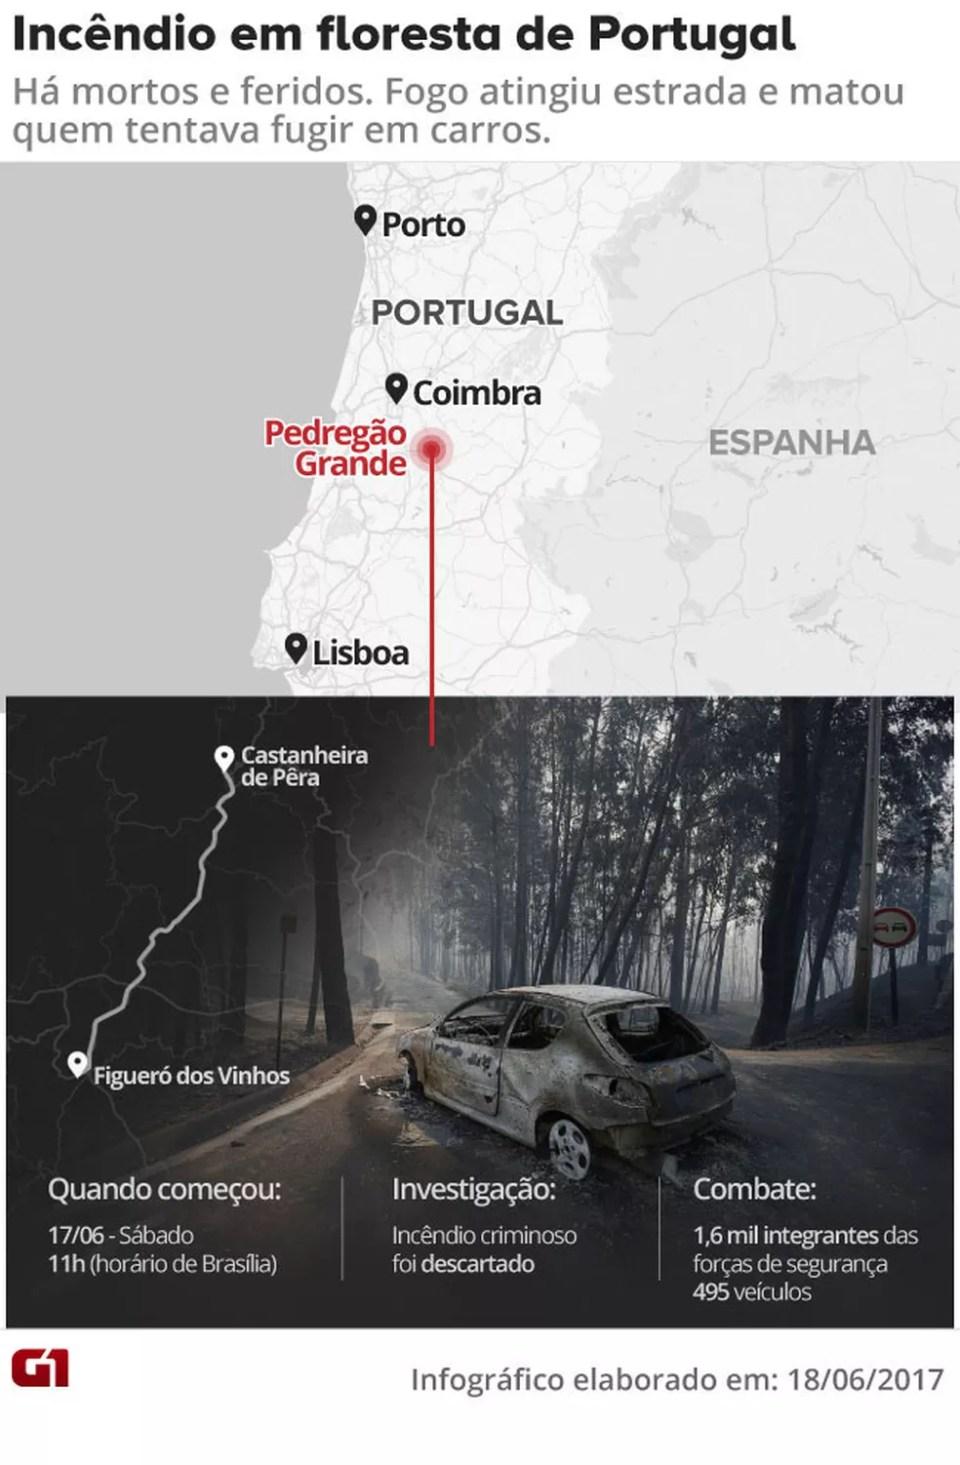 (Foto: ) Incêndio em Portugal dura mais de 24 horas; mais de 60 morreram Incêndio em Portugal dura mais de 24 horas; mais de 60 morreram incendio floresta portugal v2